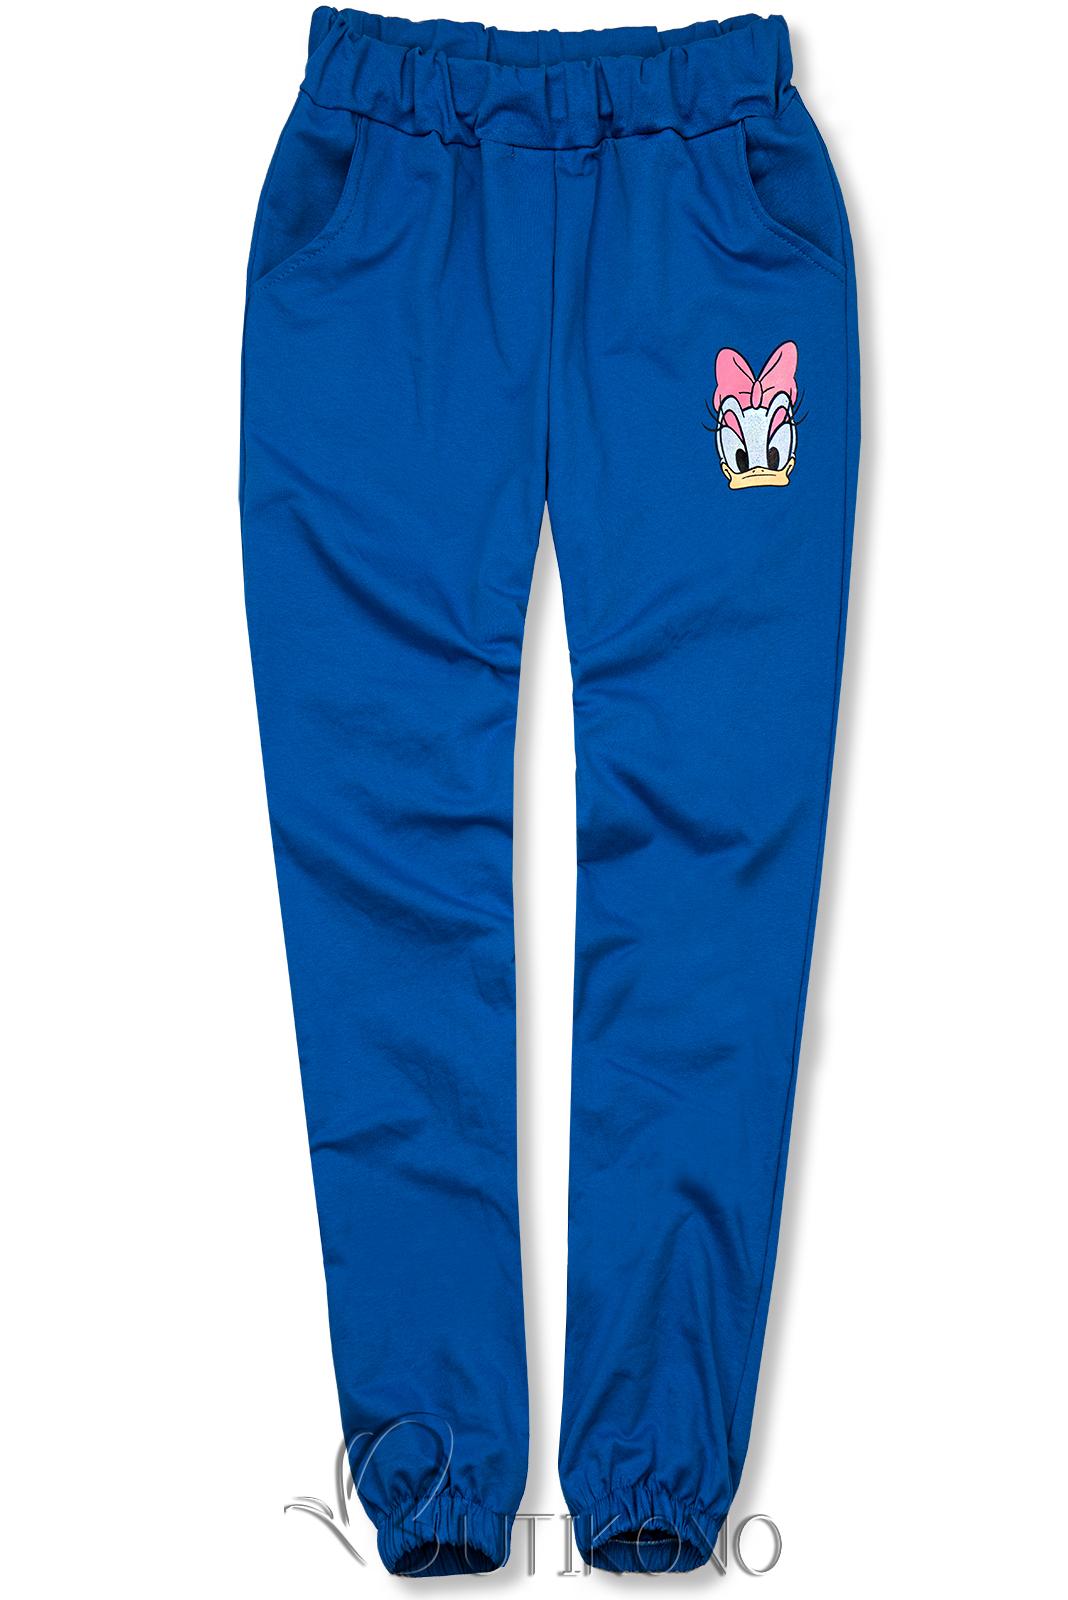 Modré teplákové nohavice